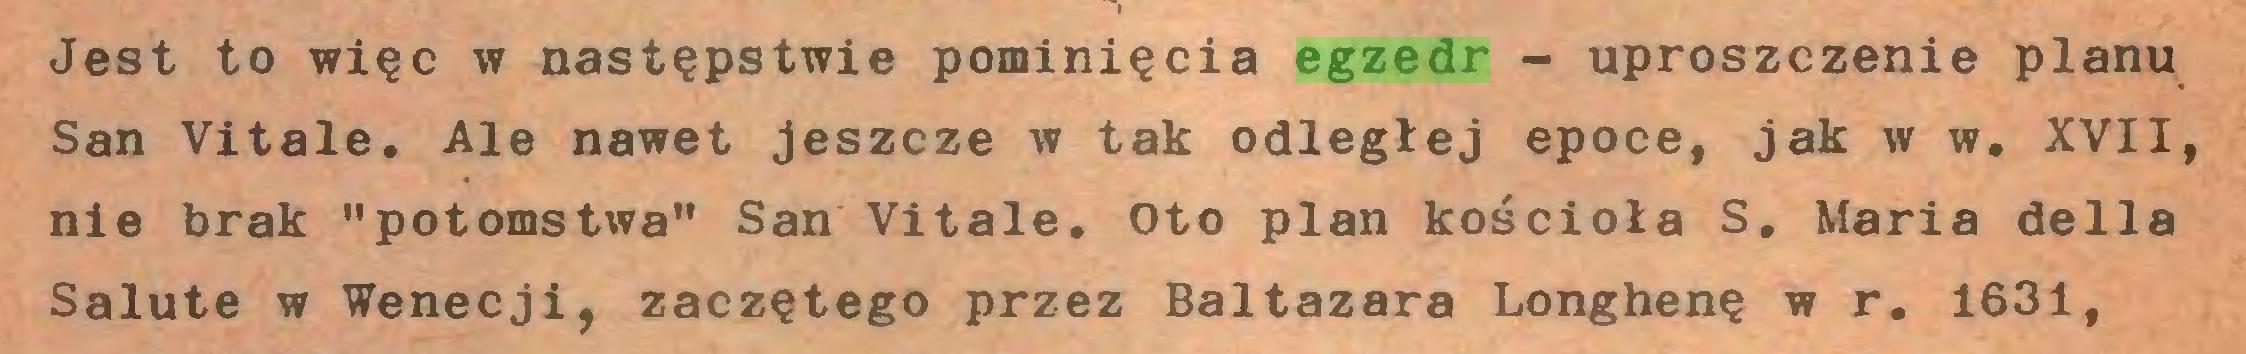 """(...) Jest to więc w następstwie pominięcia egzedr - uproszczenie planu San Vitale. Ale nawet jeszcze w tak odległej epoce, jak w w. XVII, nie brak """"potomstwa"""" San Vitale. Oto plan kościoła S. Maria della Salute w Wenecji, zaczętego przez Baltazara Longhenę w r. 1631,..."""